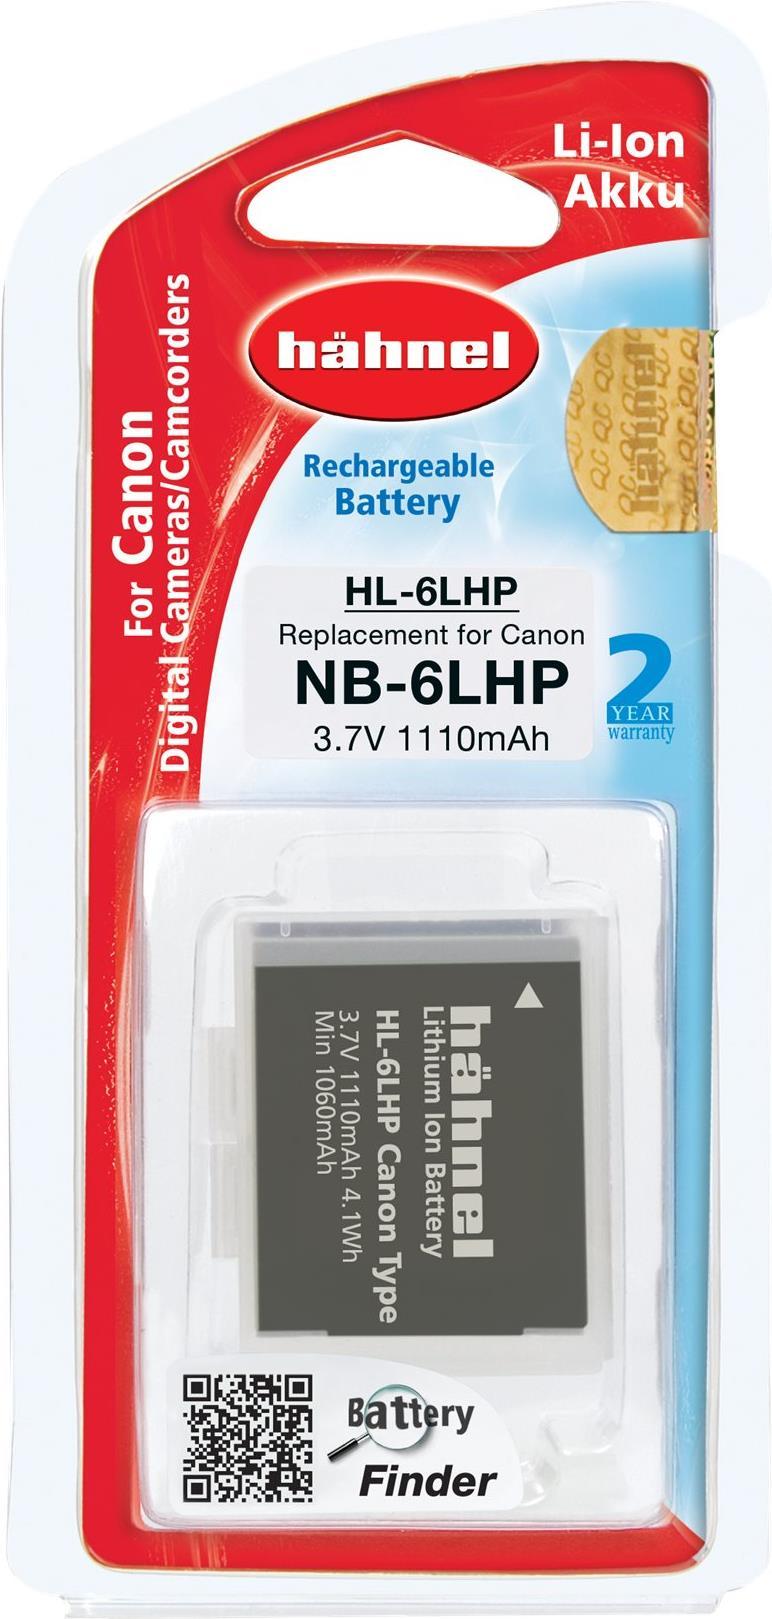 Hähnel HL-6LHP - Batterie - Li-Ion - 1110 mAh - für Canon PowerShot D20, N, SX170, SX260, SX270, SX280, SX500, SX510, SX600, SX700